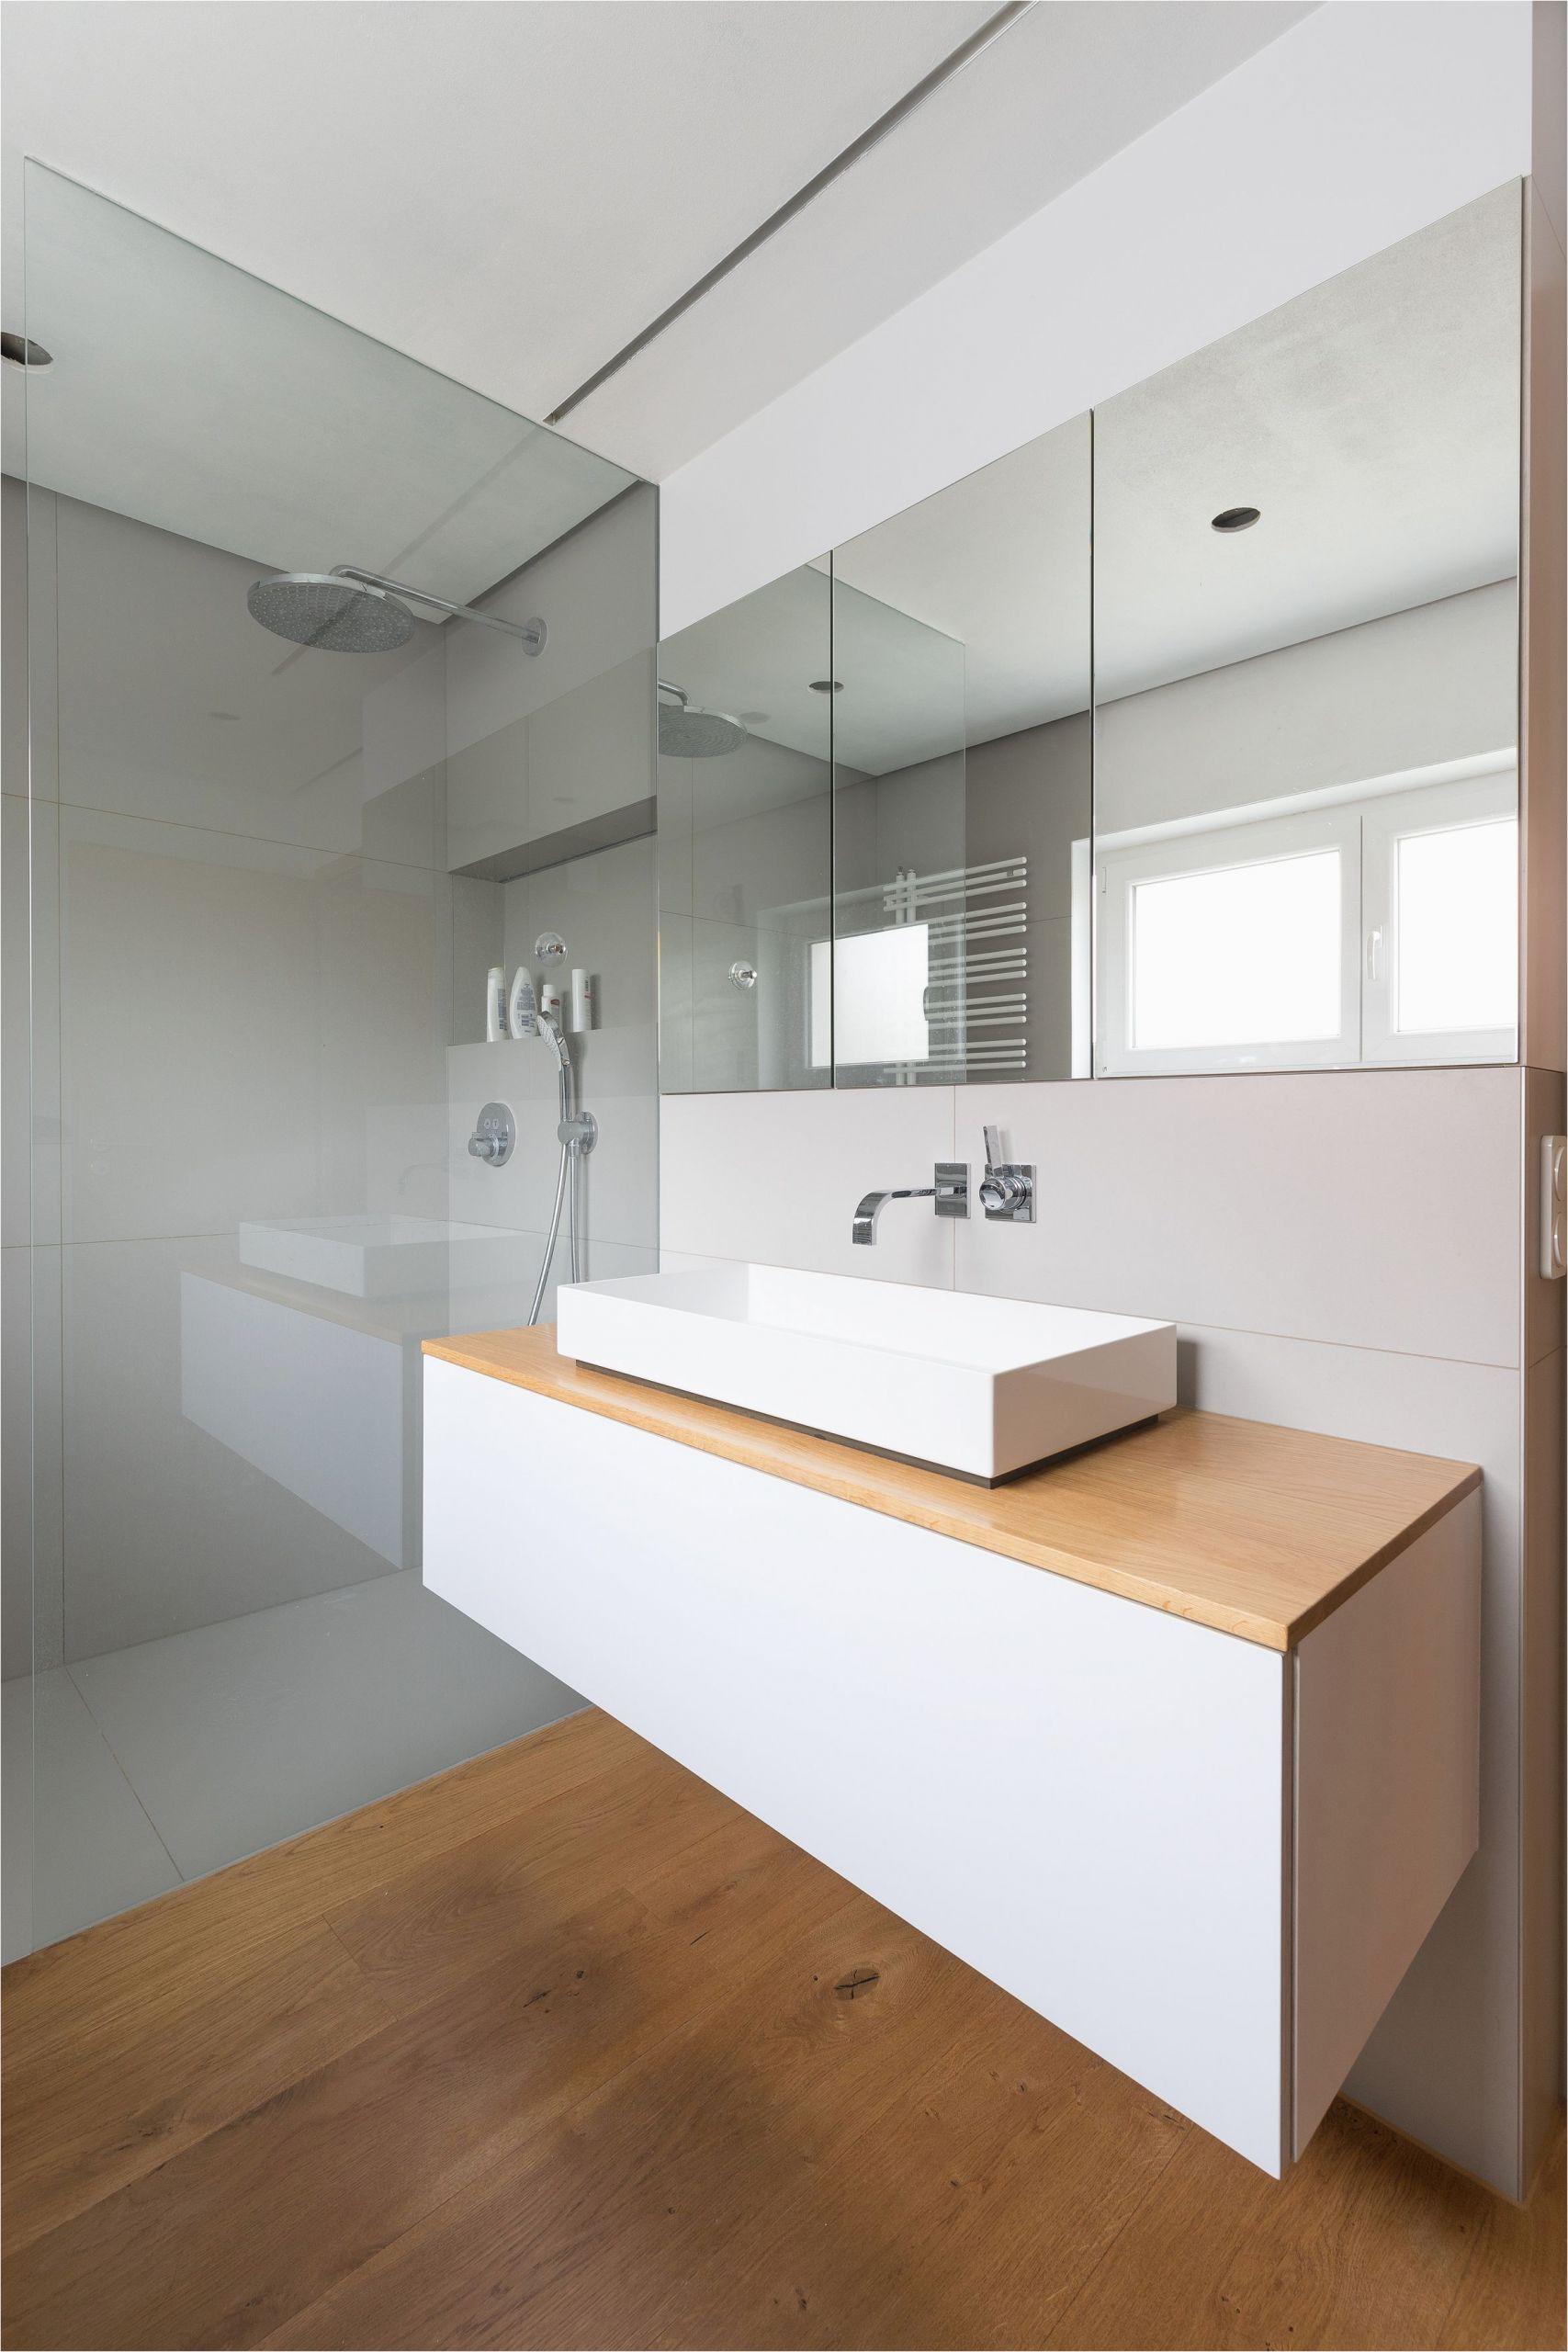 Badezimmer Spiegel Einbauschrank Bad Badezimmer Einbauschrank